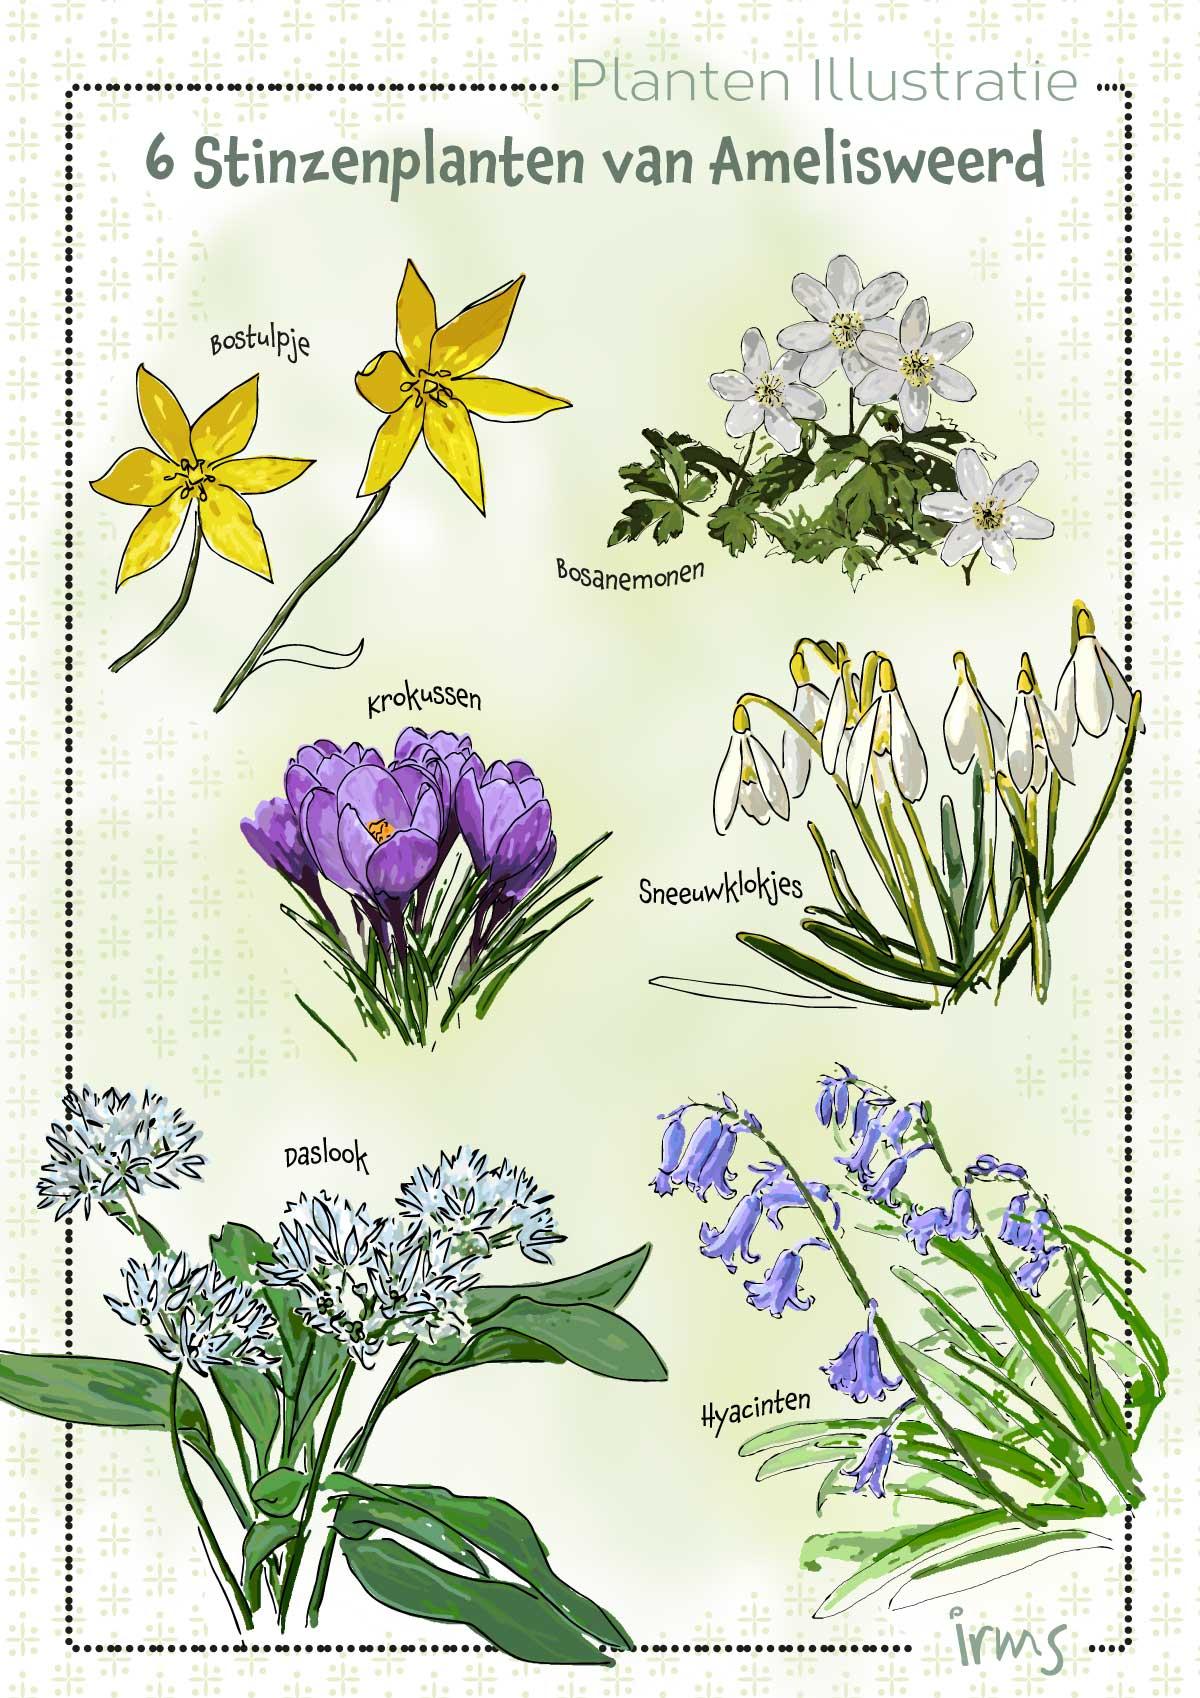 stinzenplanten-illustratie-irms